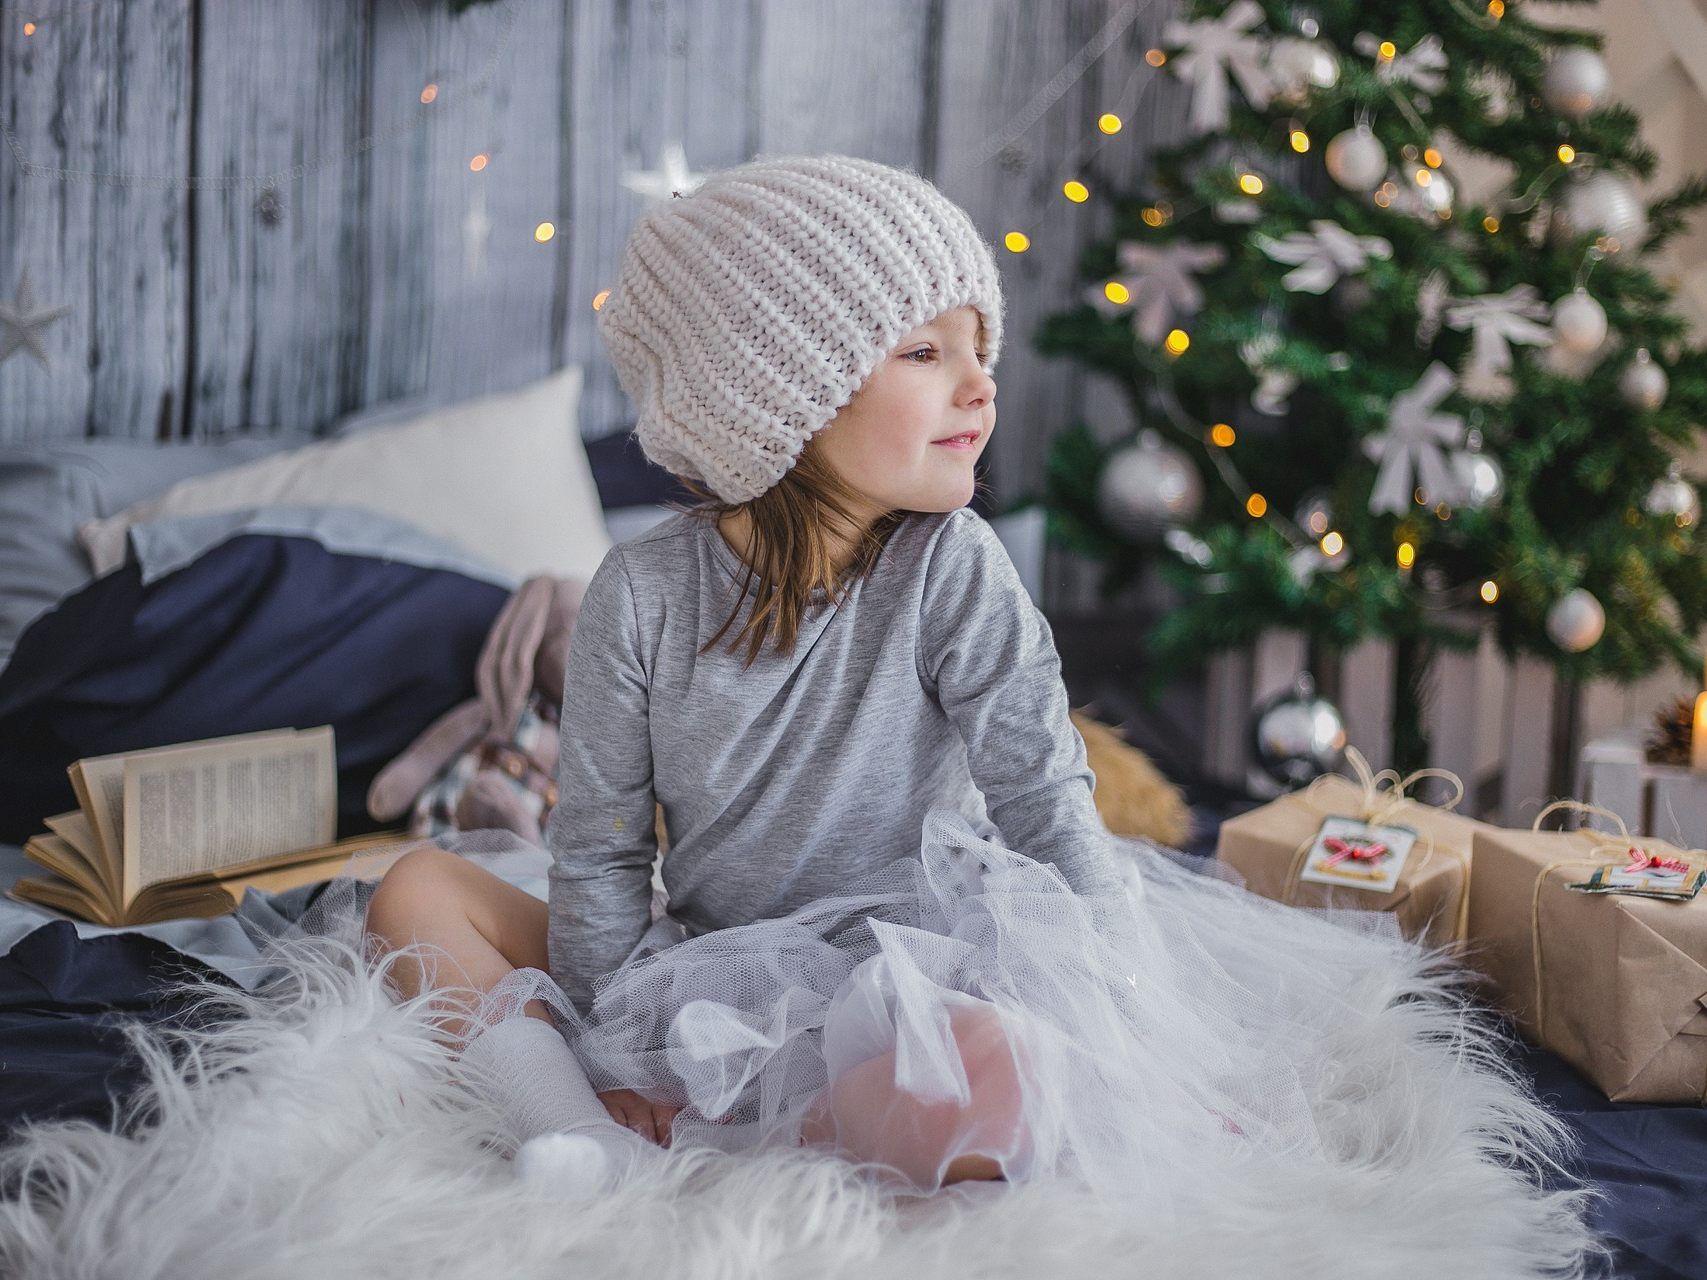 Weihnachten in Wien: Adventprogramm für Kinder - Weihnachten in Wien ...